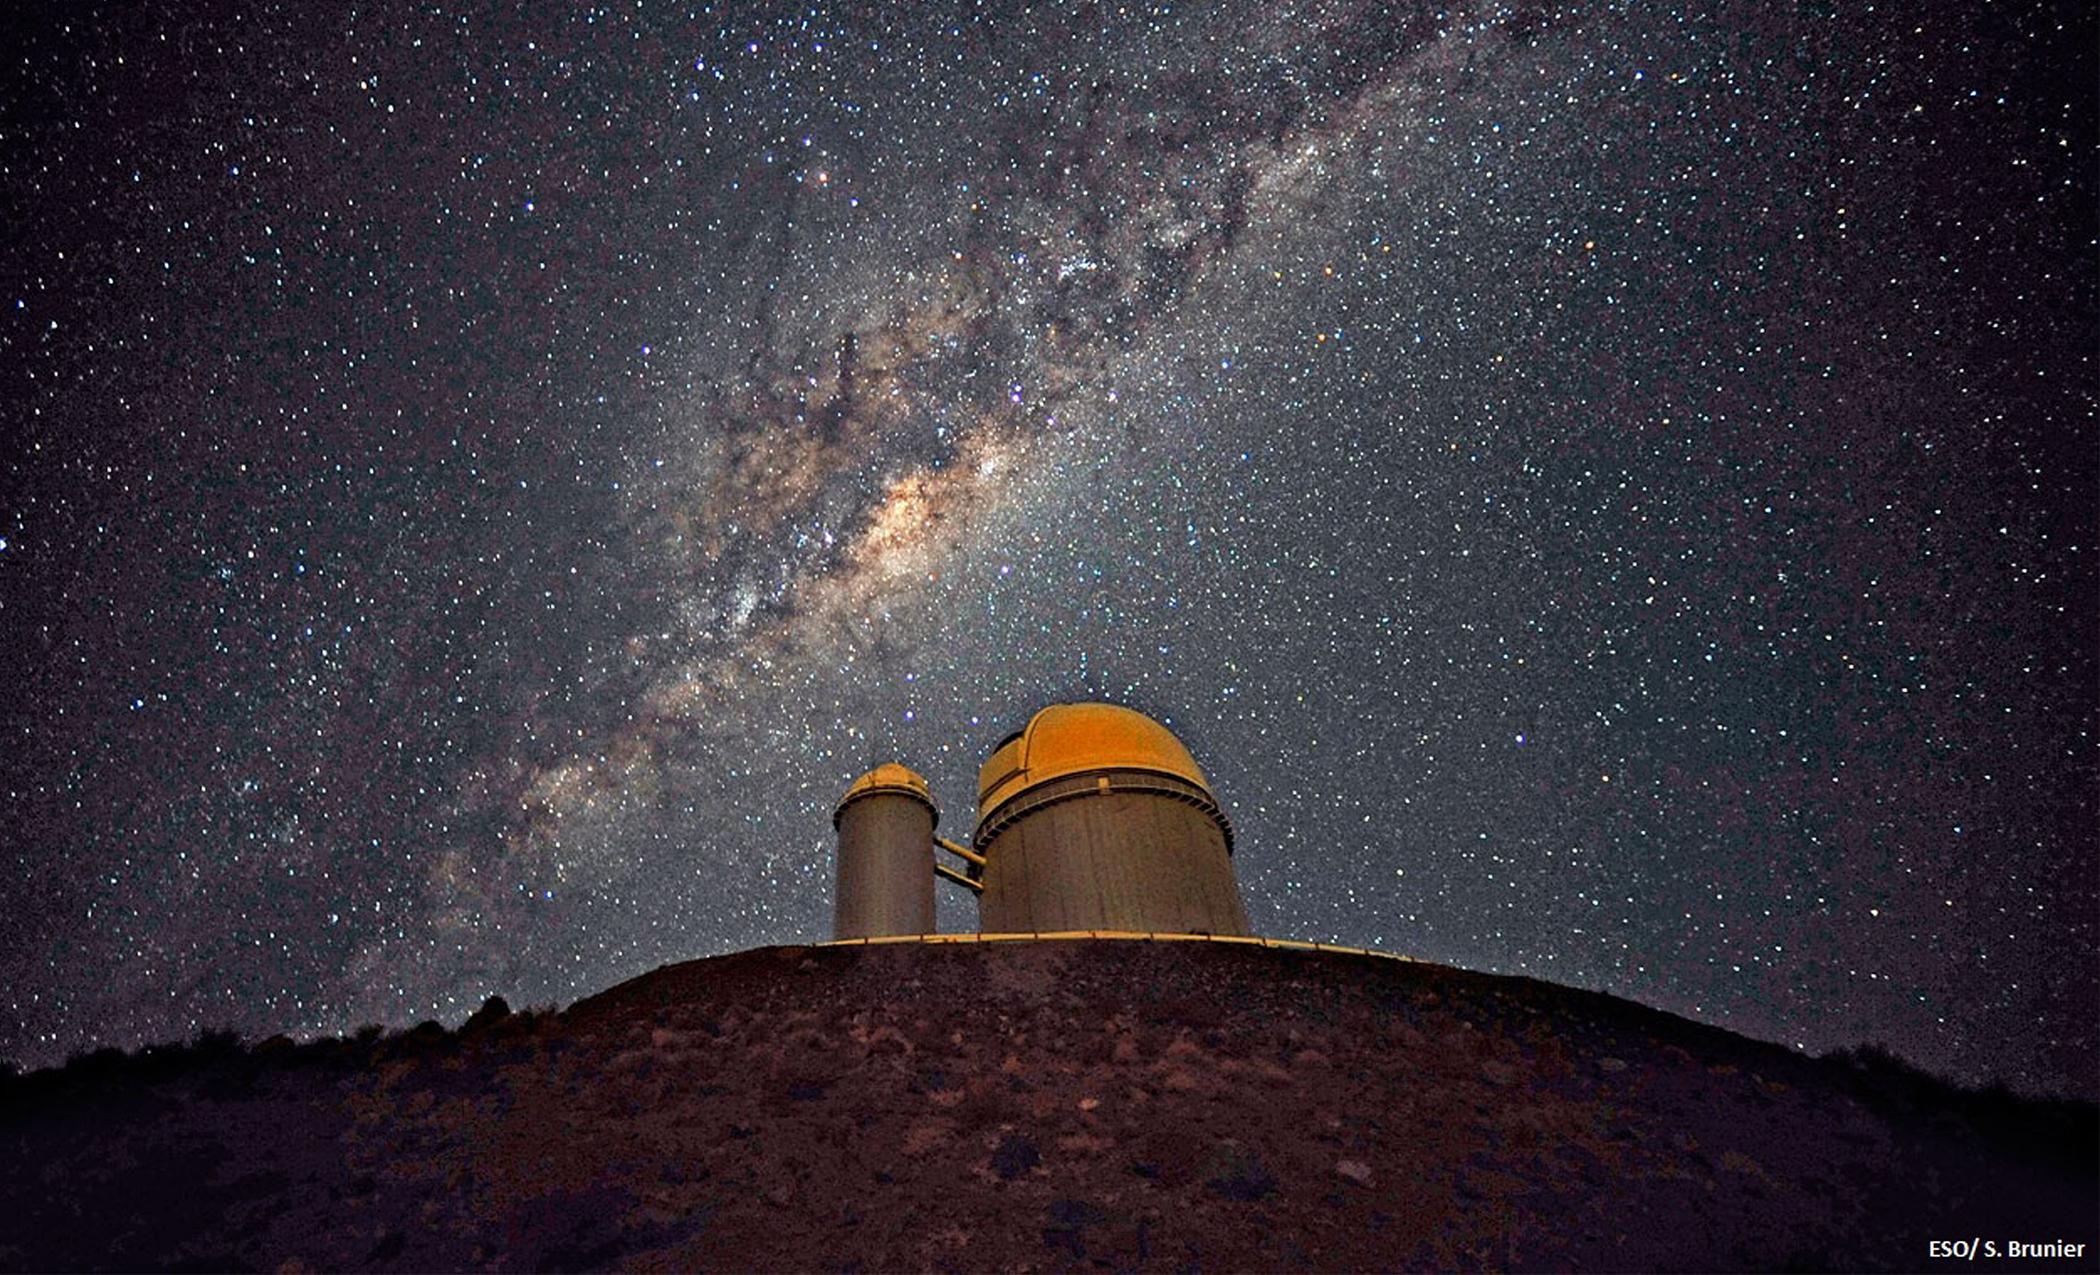 Astroturismo, una mirada al espacio desde Chile